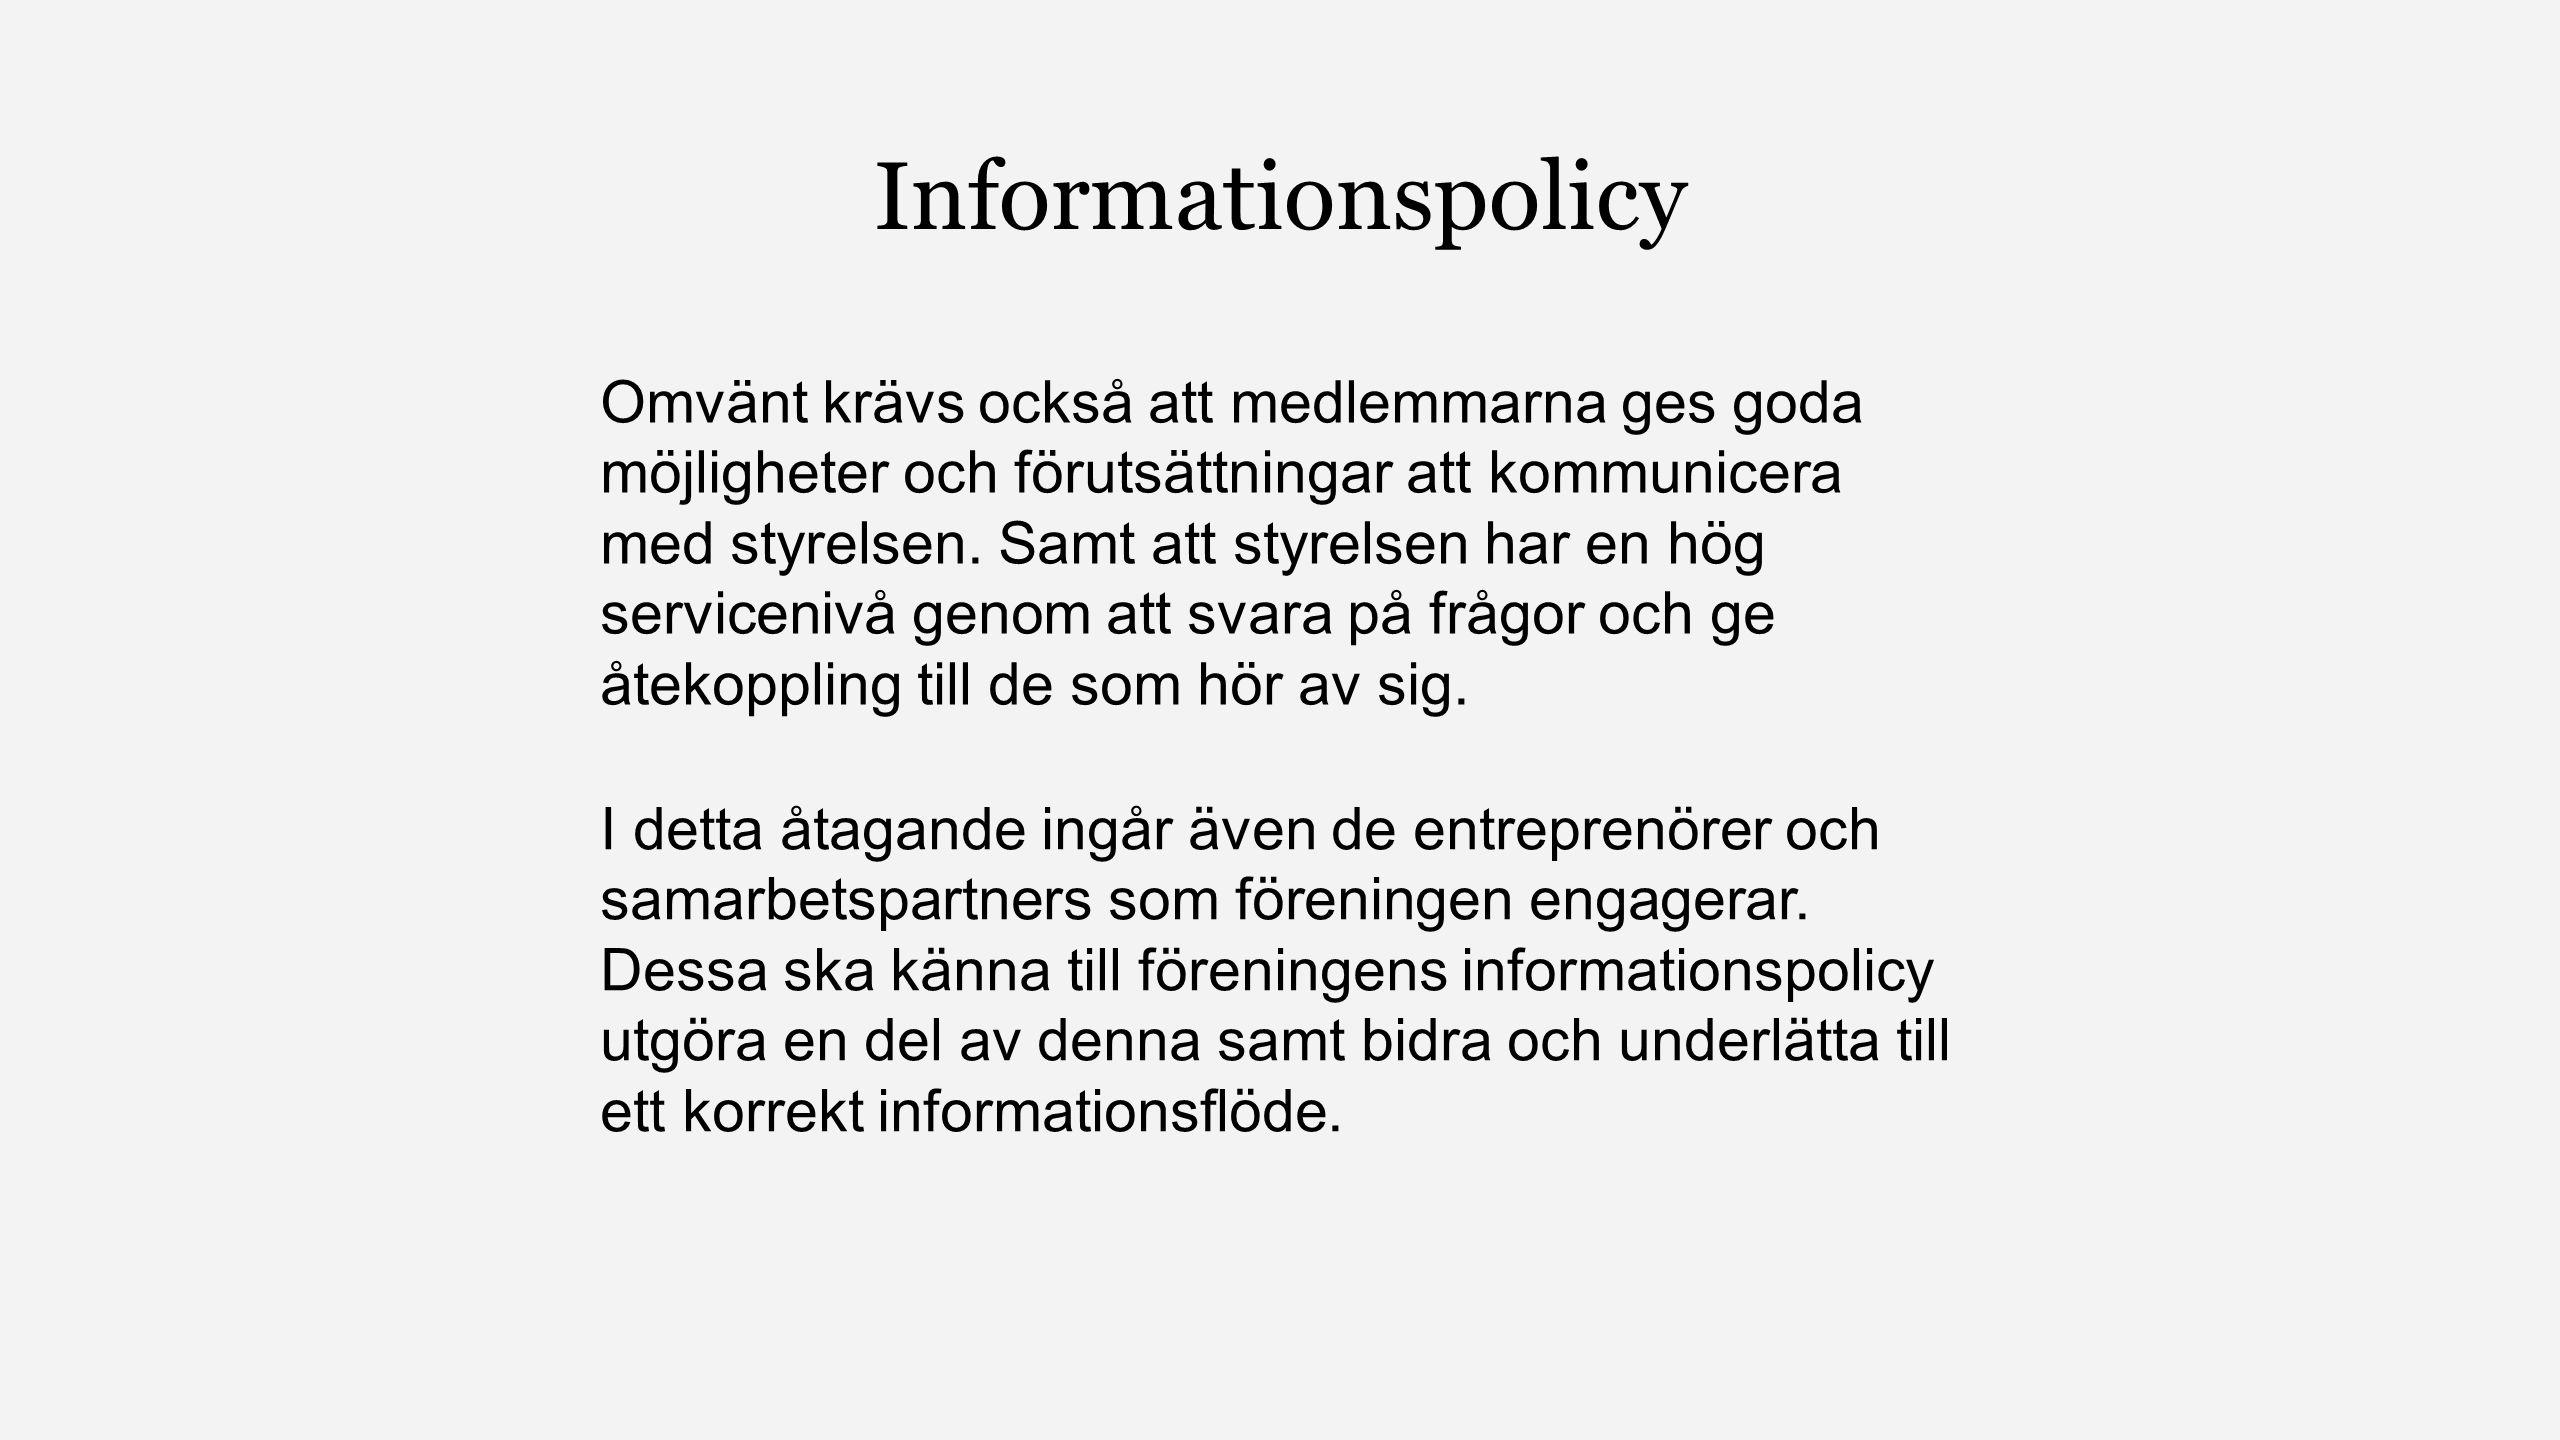 Informationspolicy Omvänt krävs också att medlemmarna ges goda möjligheter och förutsättningar att kommunicera med styrelsen.